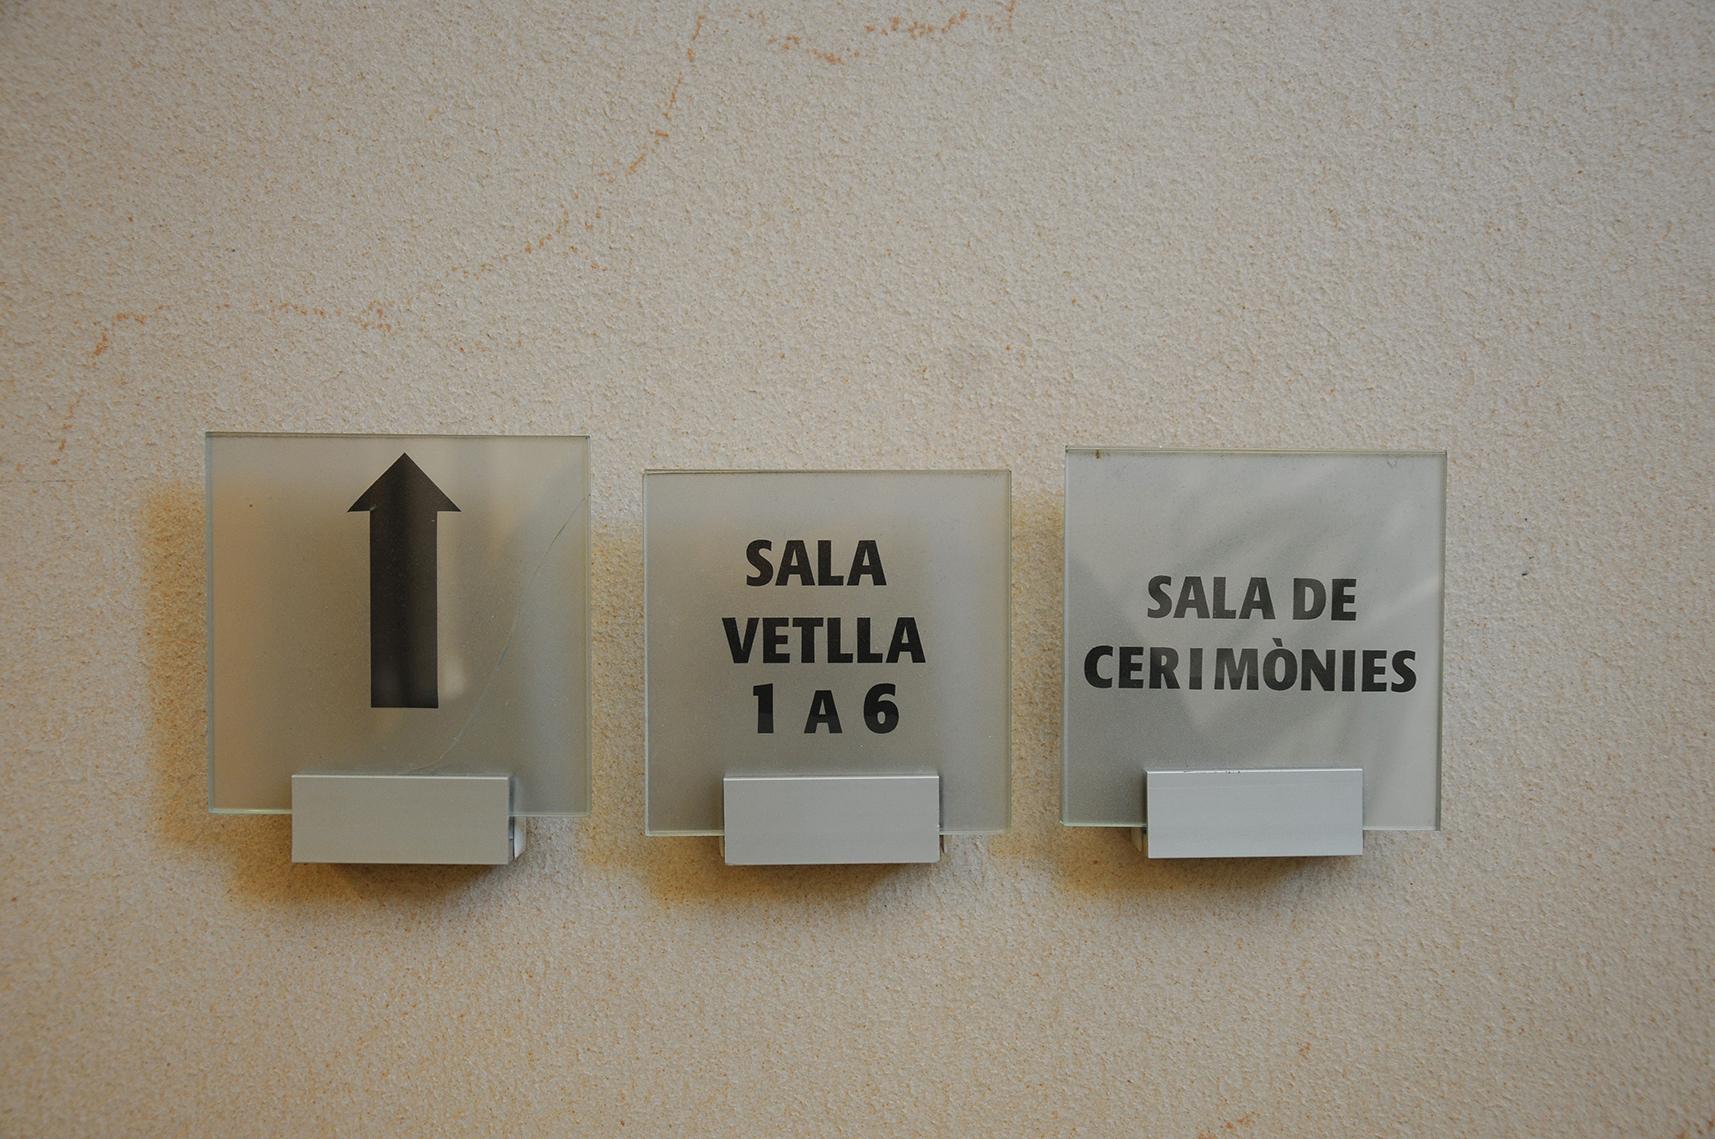 Detall de les instal·lacions del tanatori municipal